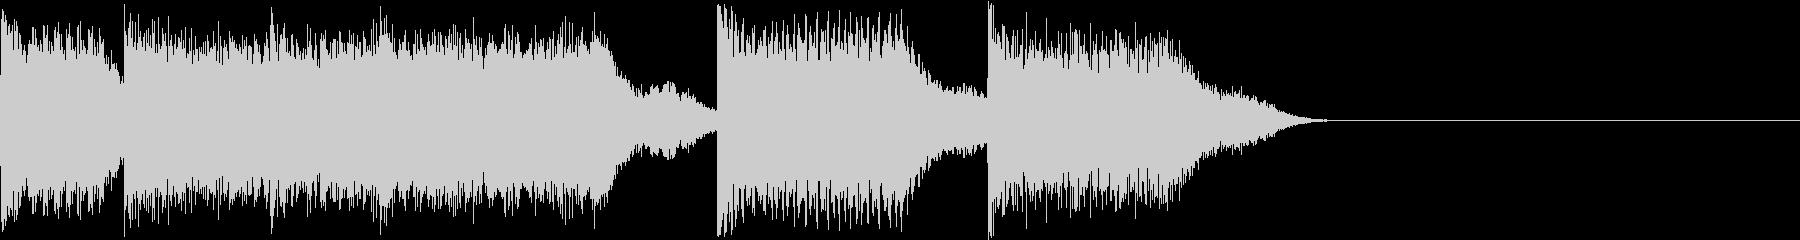 AI メカ/ロボ/マシン動作音 29の未再生の波形